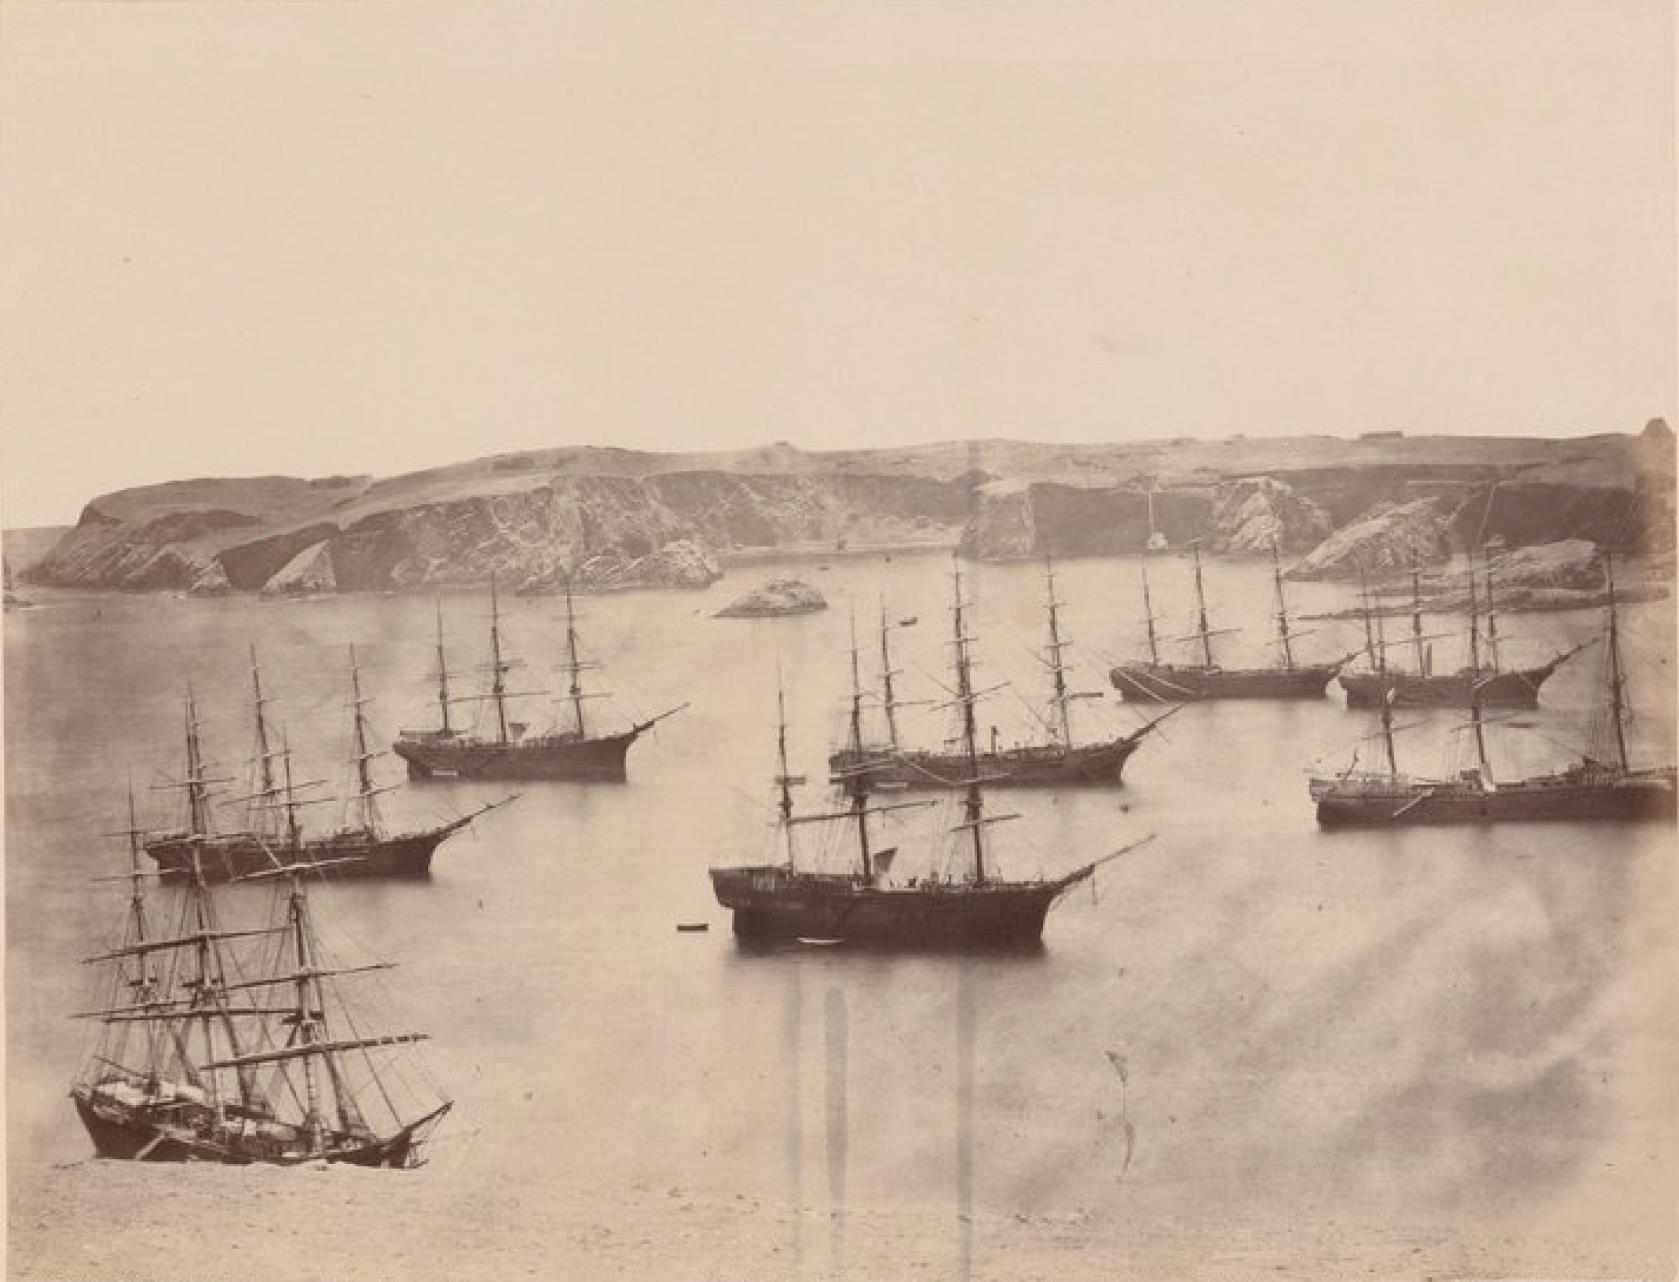 Острова Чинча. Панорама Северного Чинча. Корабли, ожидающие груза гуано